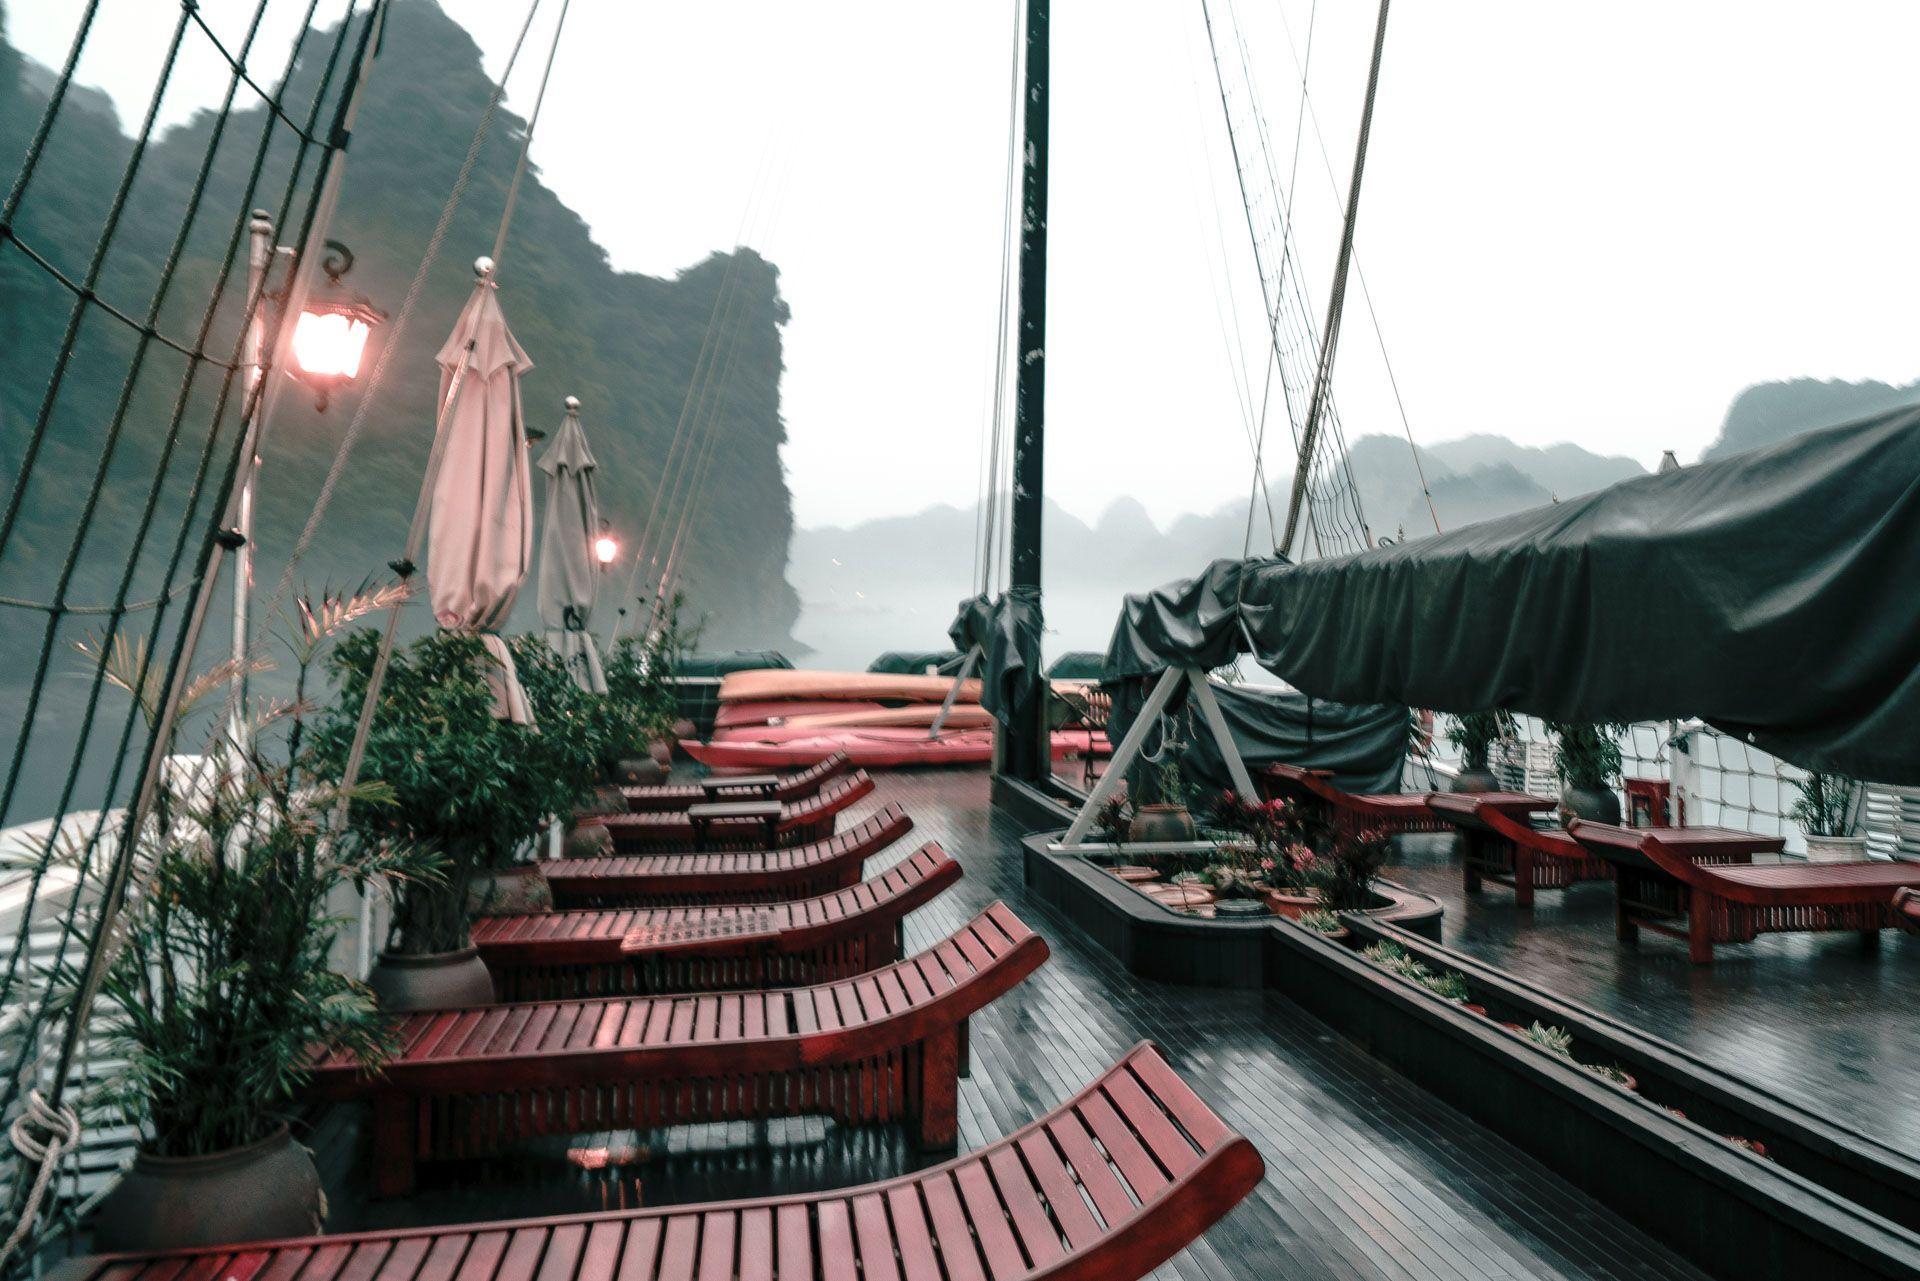 lesvoyageuses-croisiere-a-ha-long-bay-vietnam-35